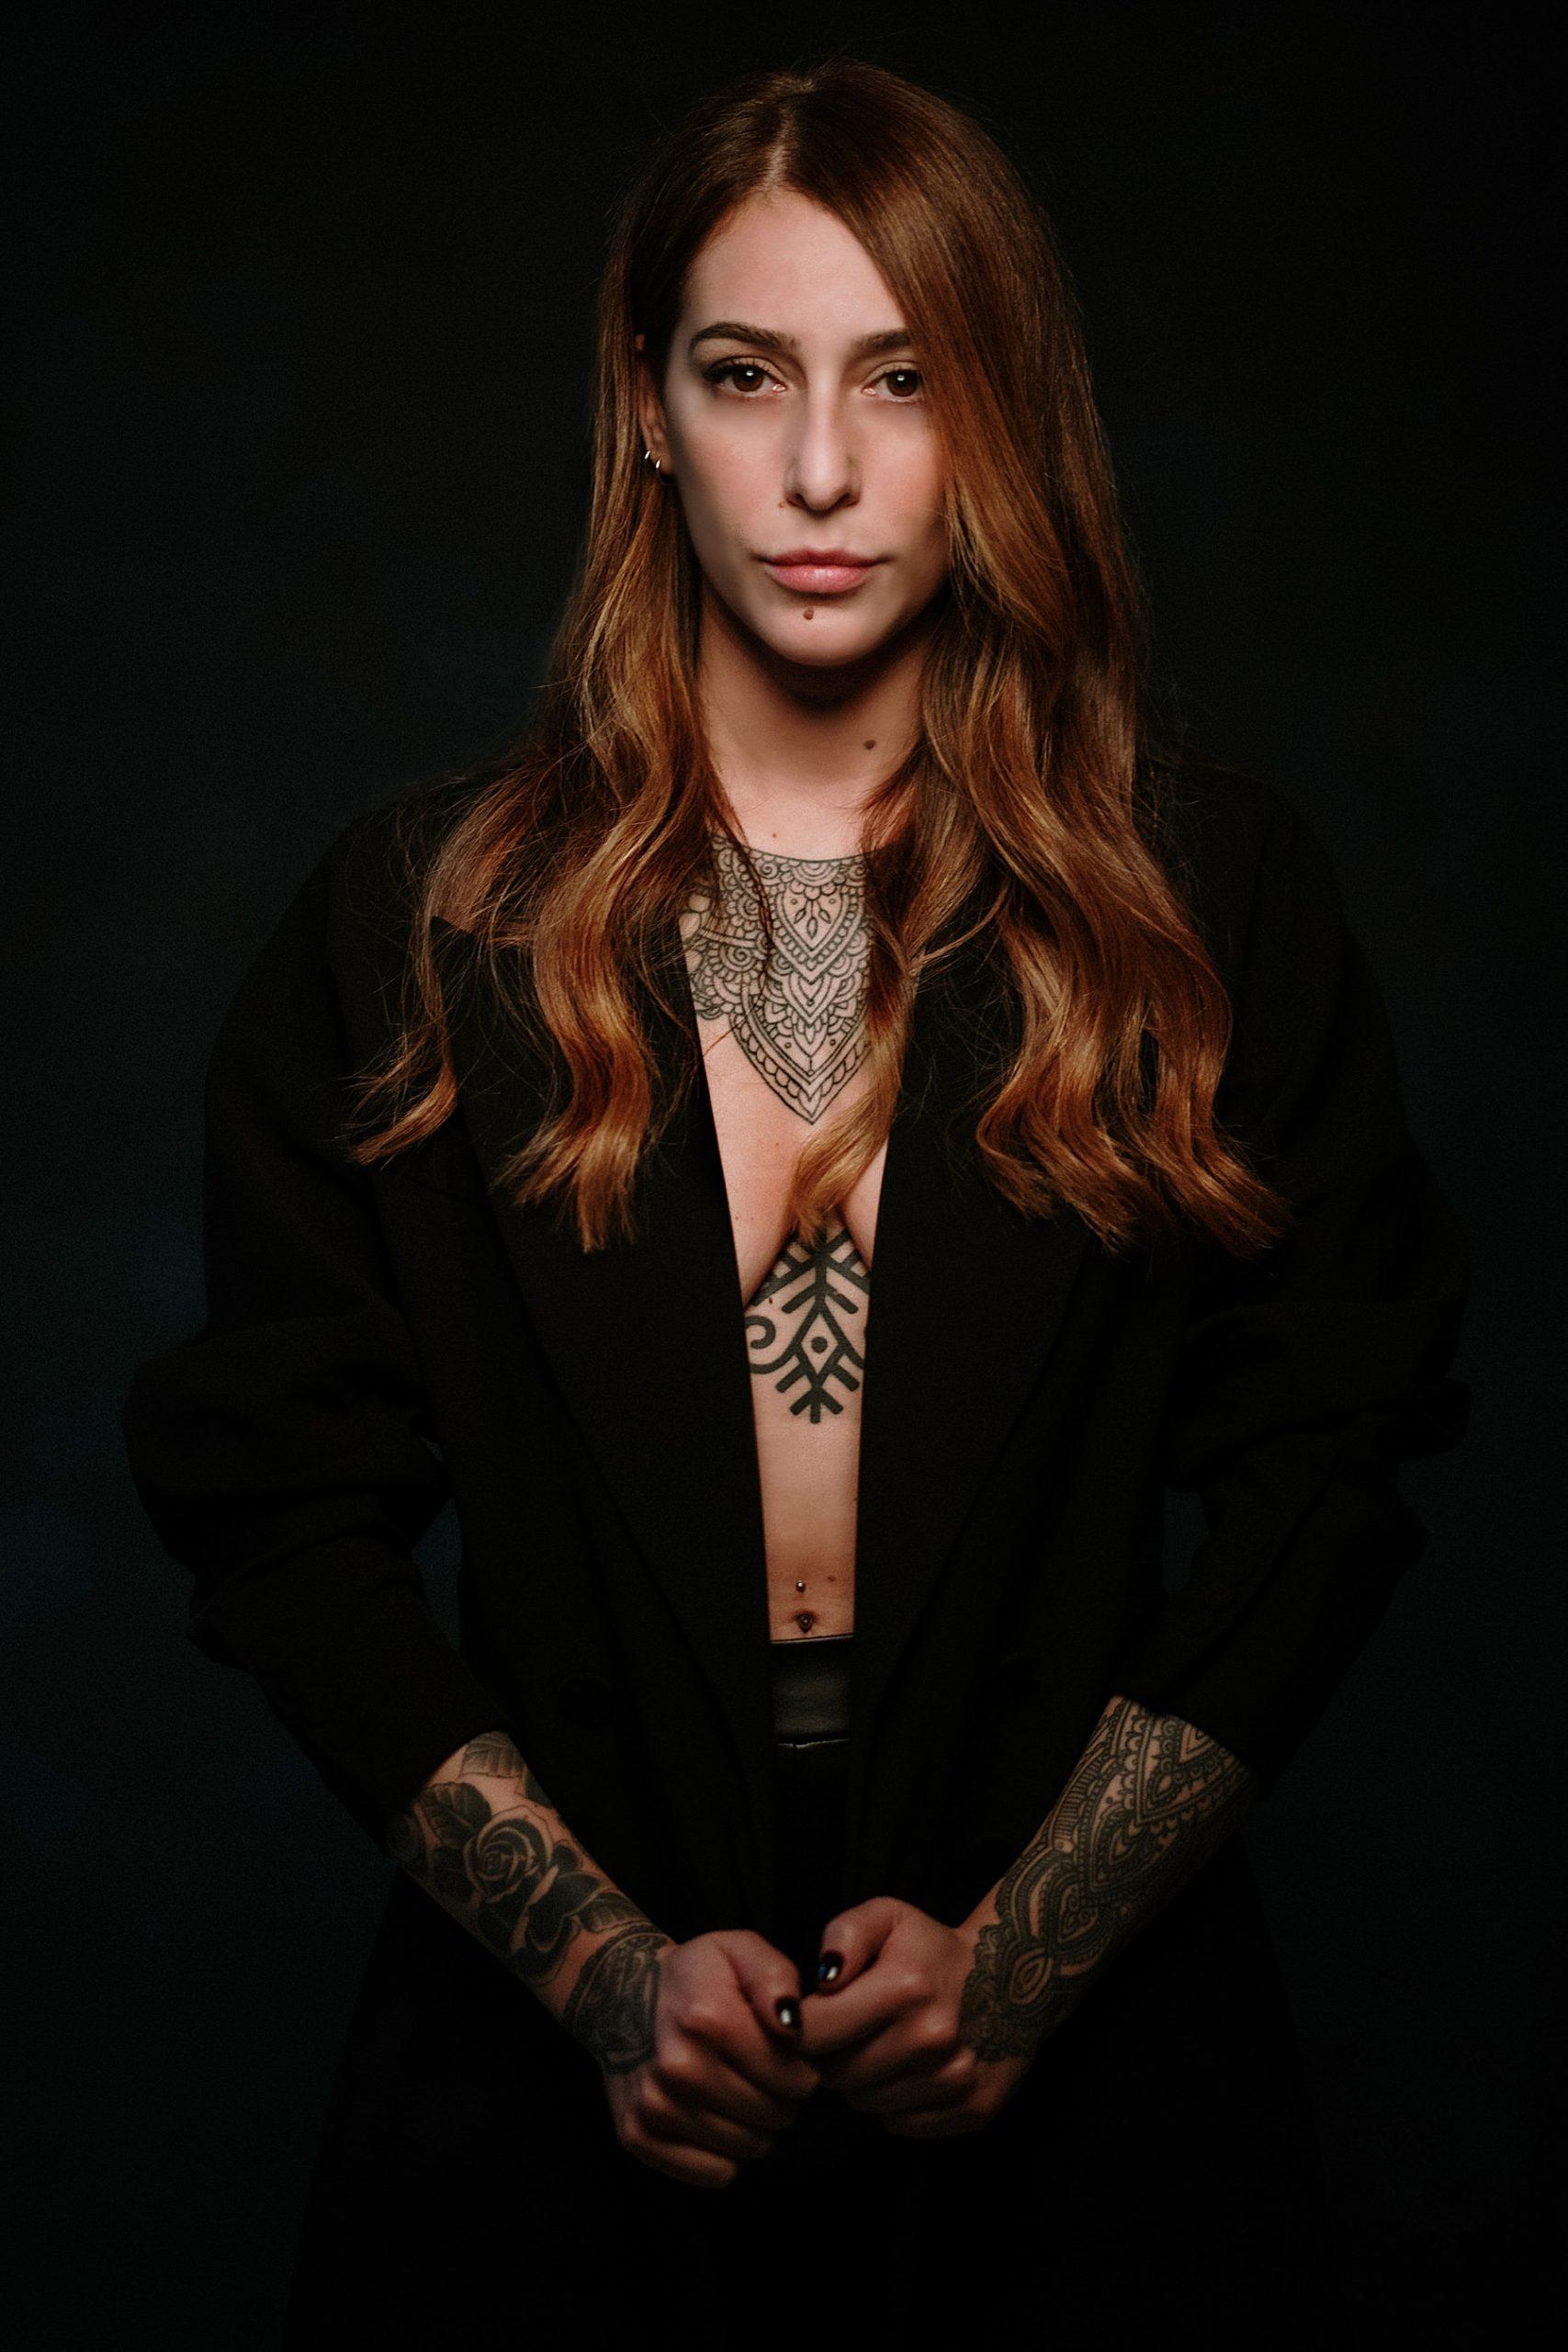 Bella ragazza tatuata su tutto il corpo